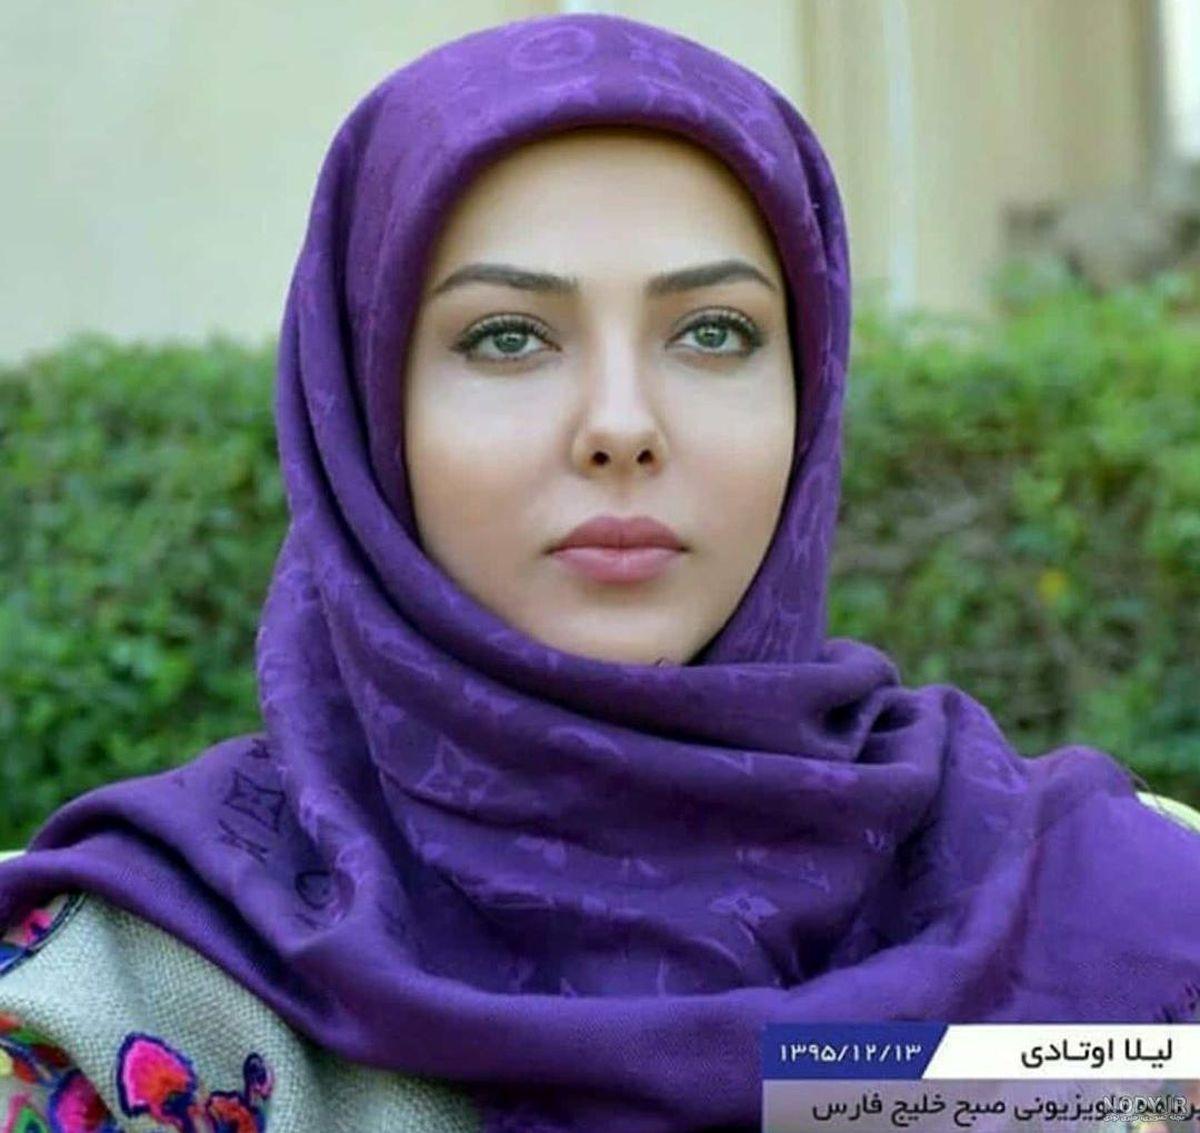 لیلا اوتادی : با مرد معروف ازدواج نمیکنم! + فیلم